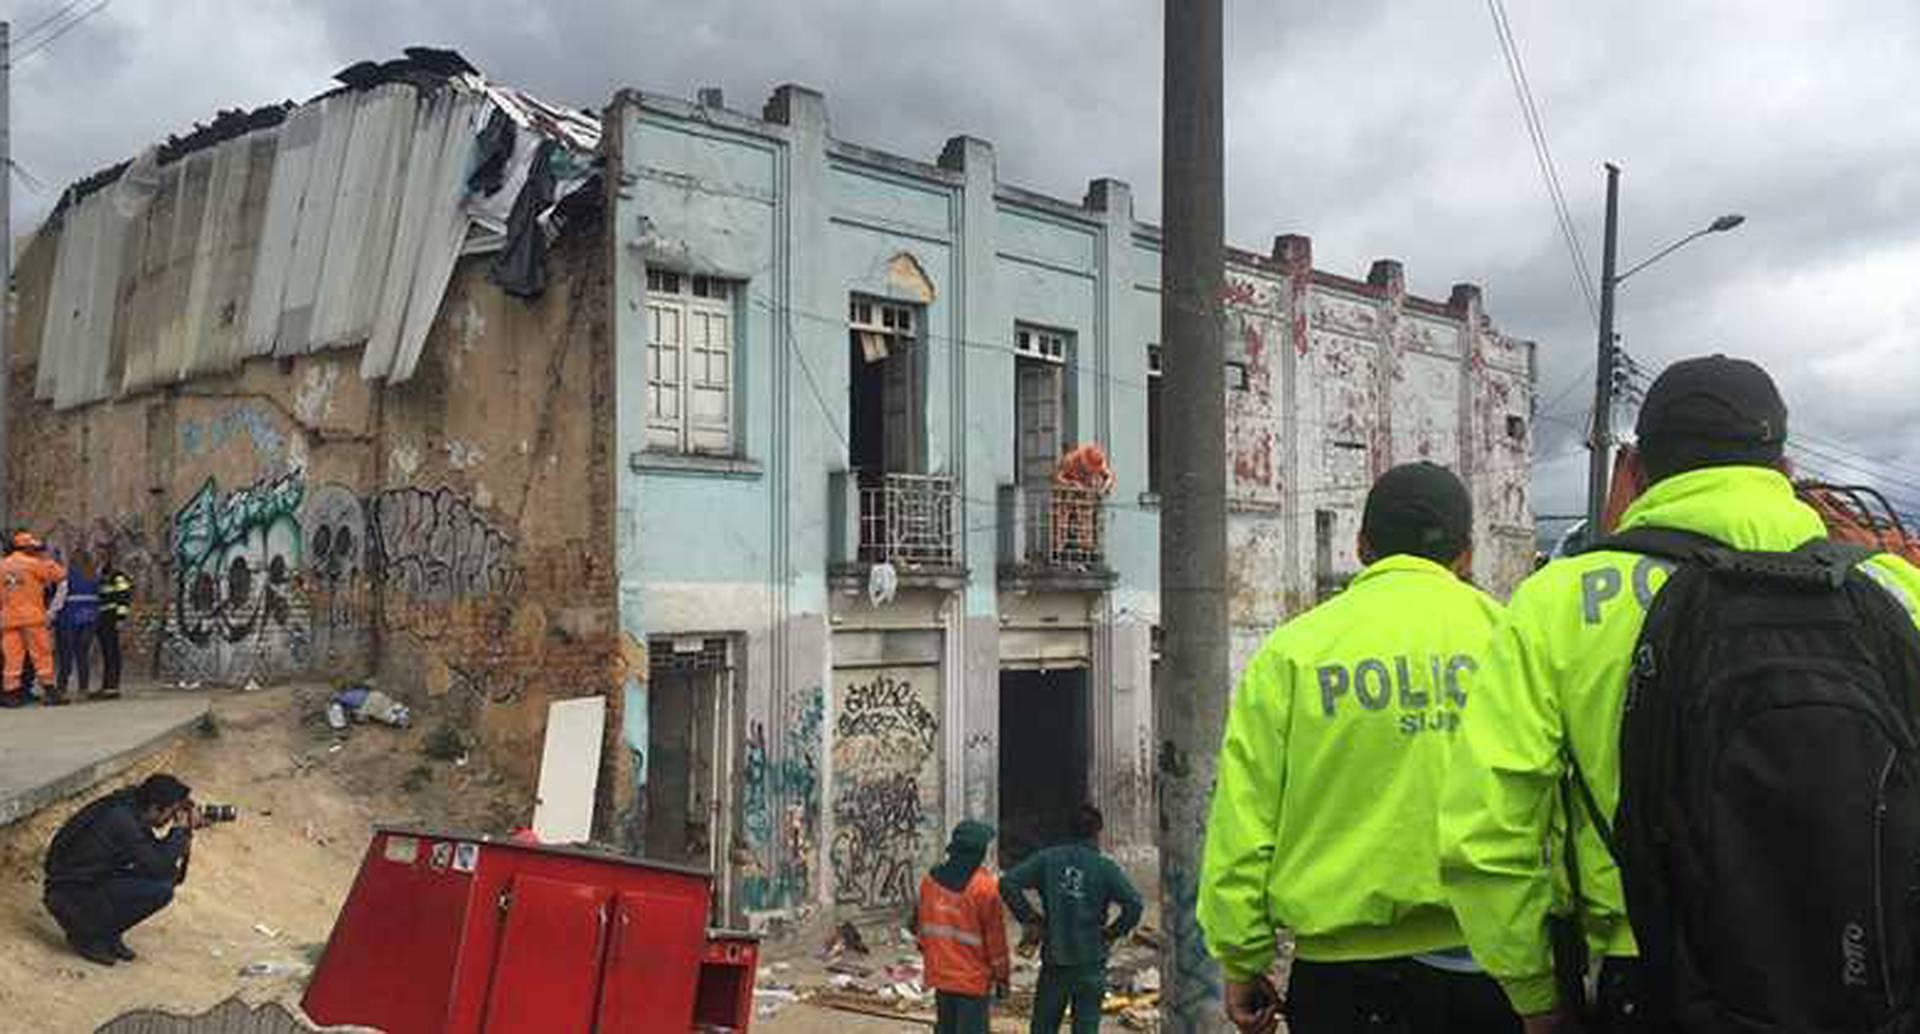 Al menos 800 agentes adscritos a la Policía Metropolitana participaron en el operativo.